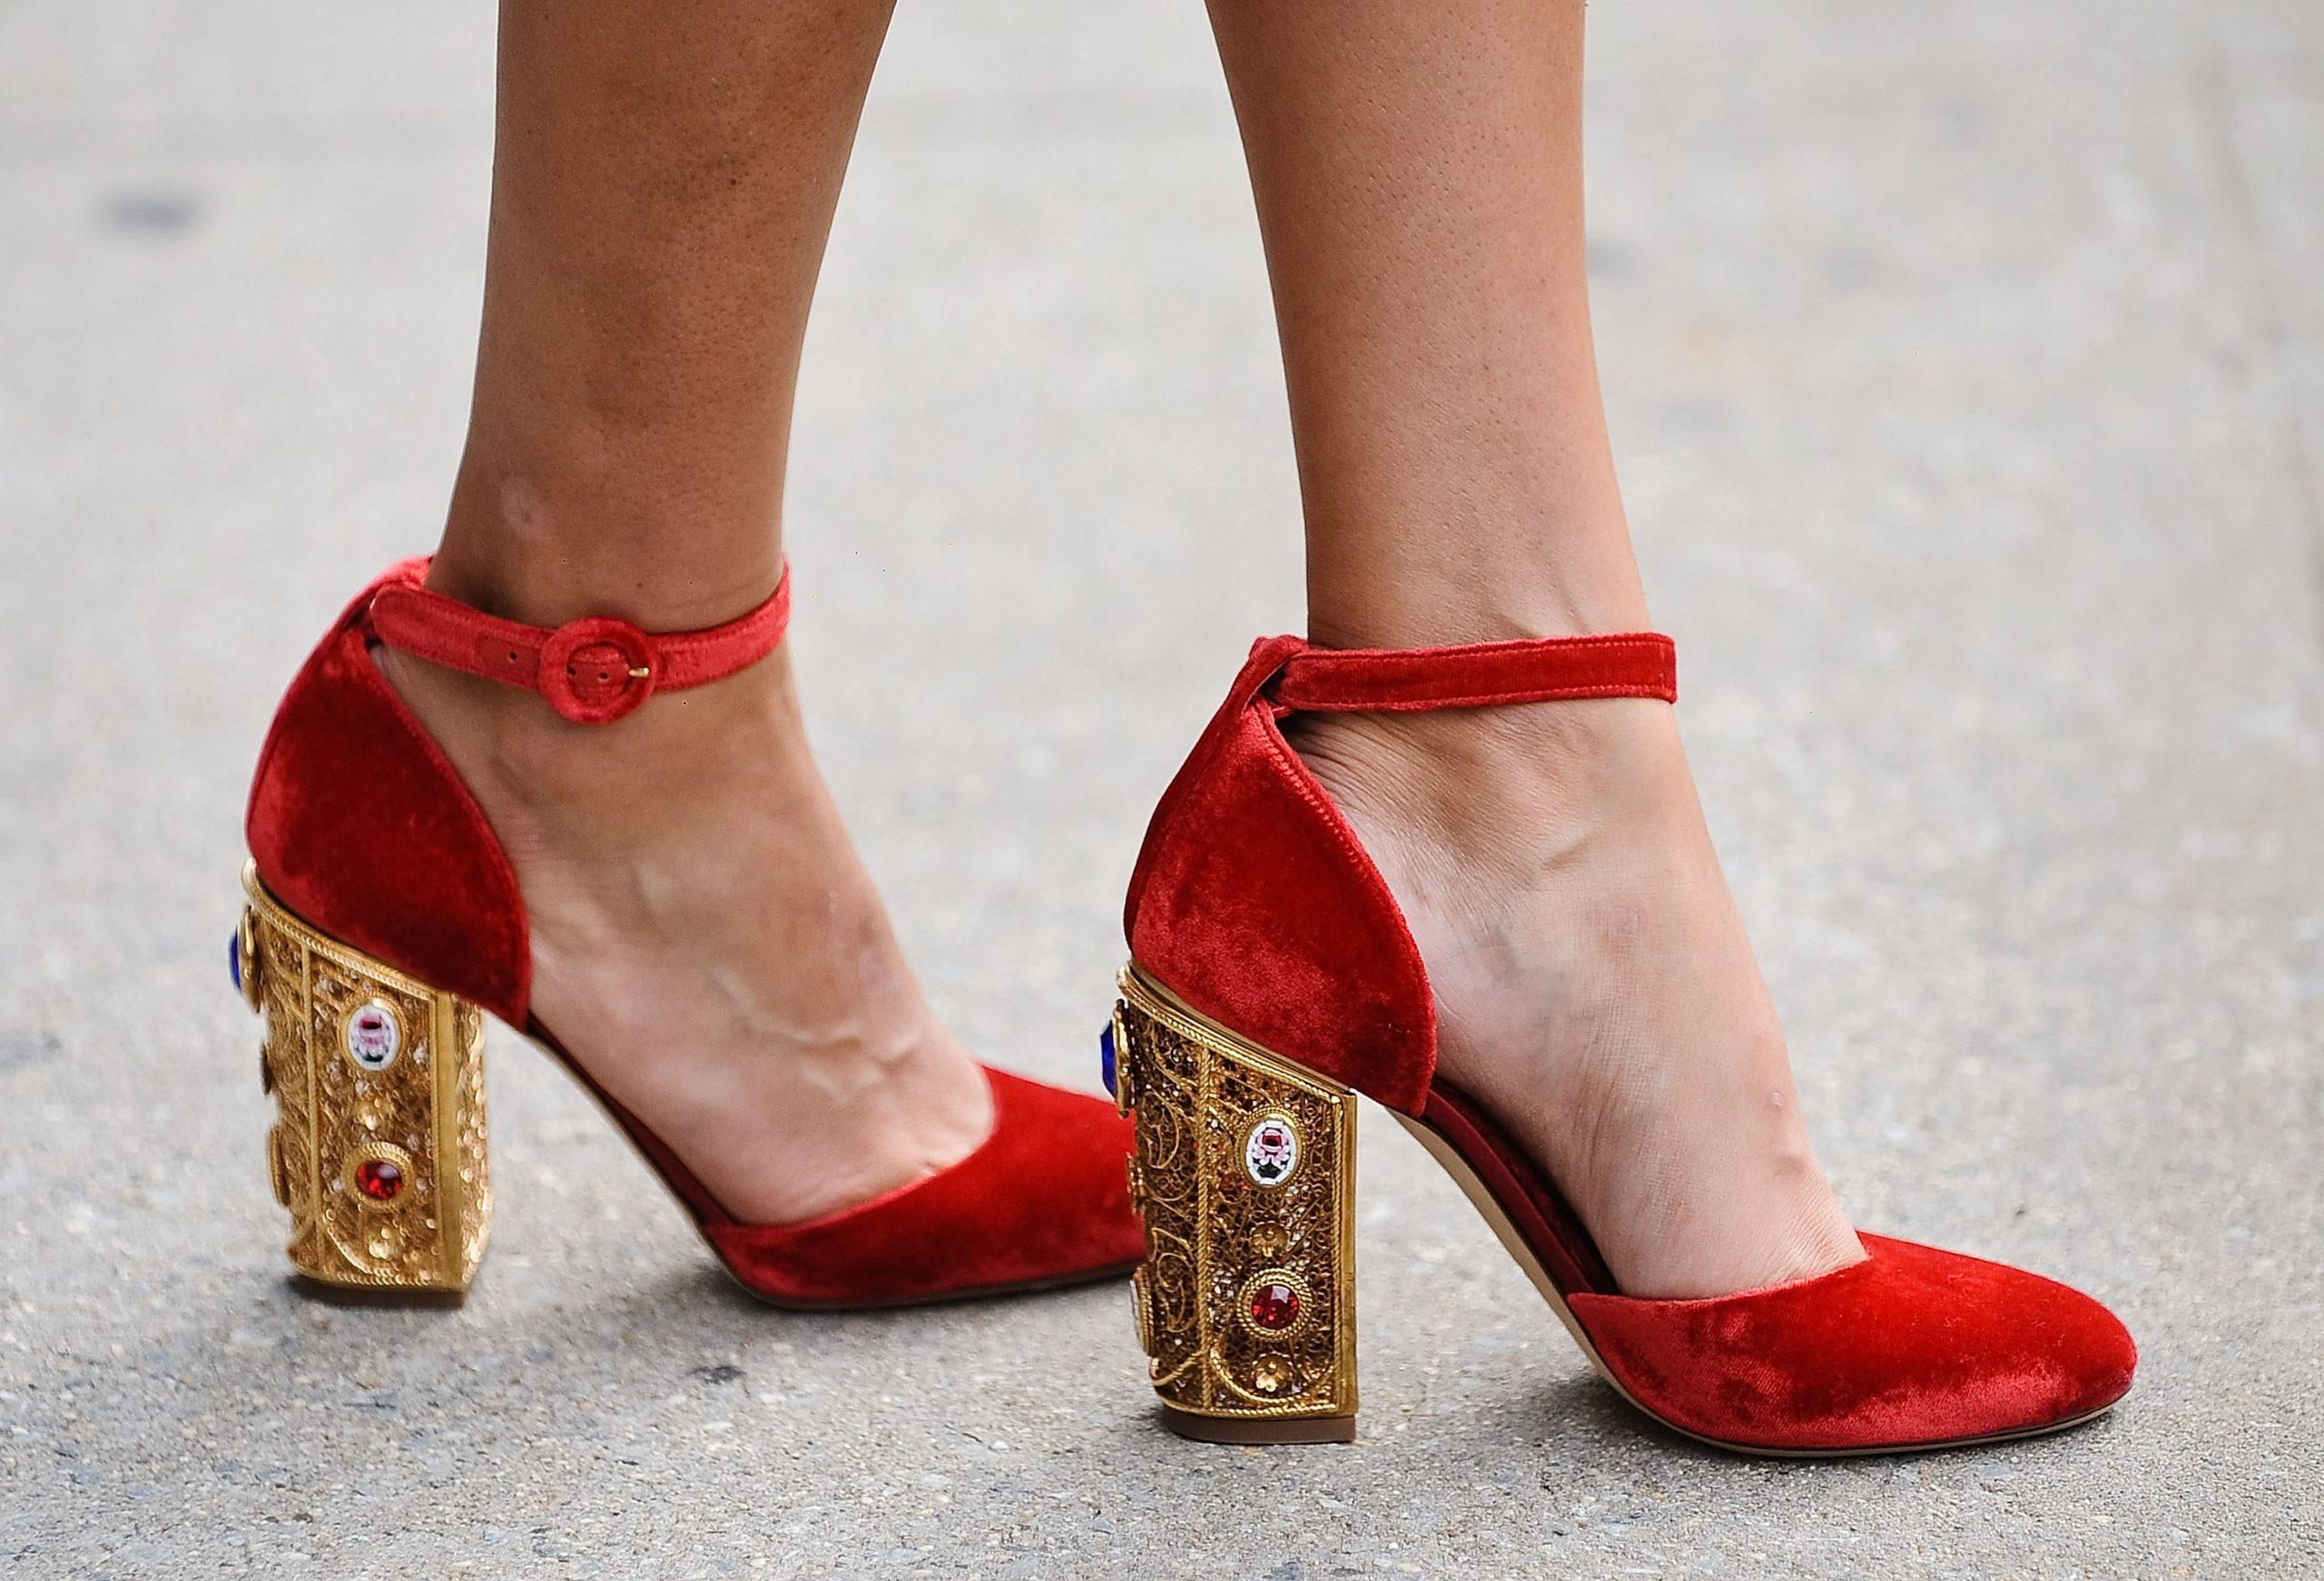 5 Sepatu Kekinian Yang Paling Banyak di Cari Wanita, Yuk Kamu Jangan Sampai Ketinggalan 4